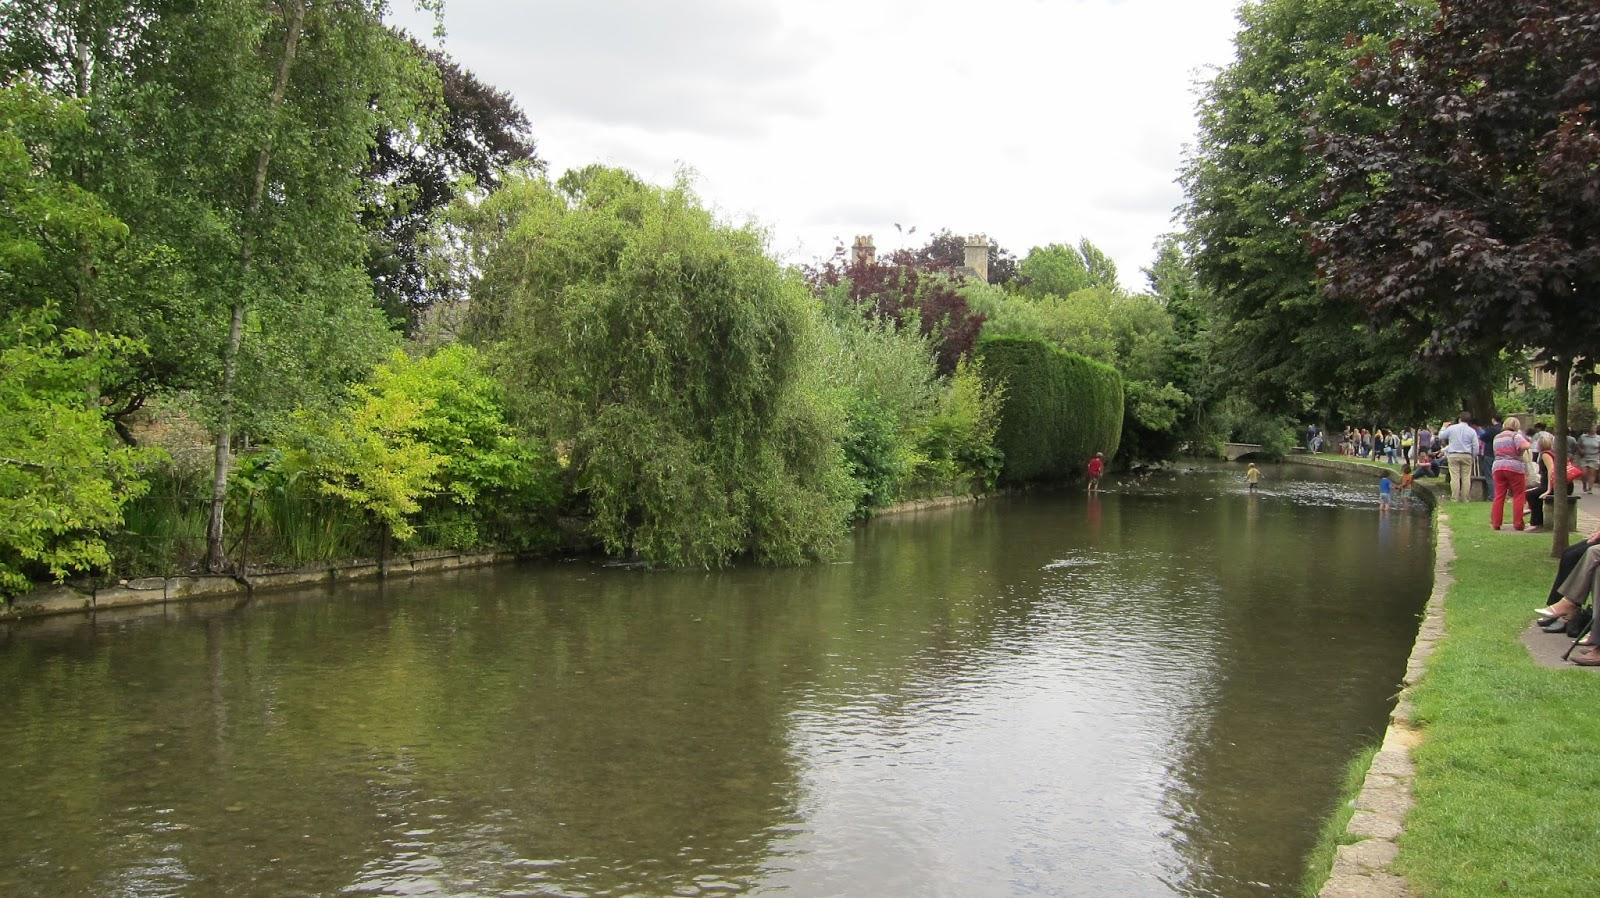 イギリス コッツウォルズ地方バートン・オン・ザ・ワォータ― 夏の水遊びの様子